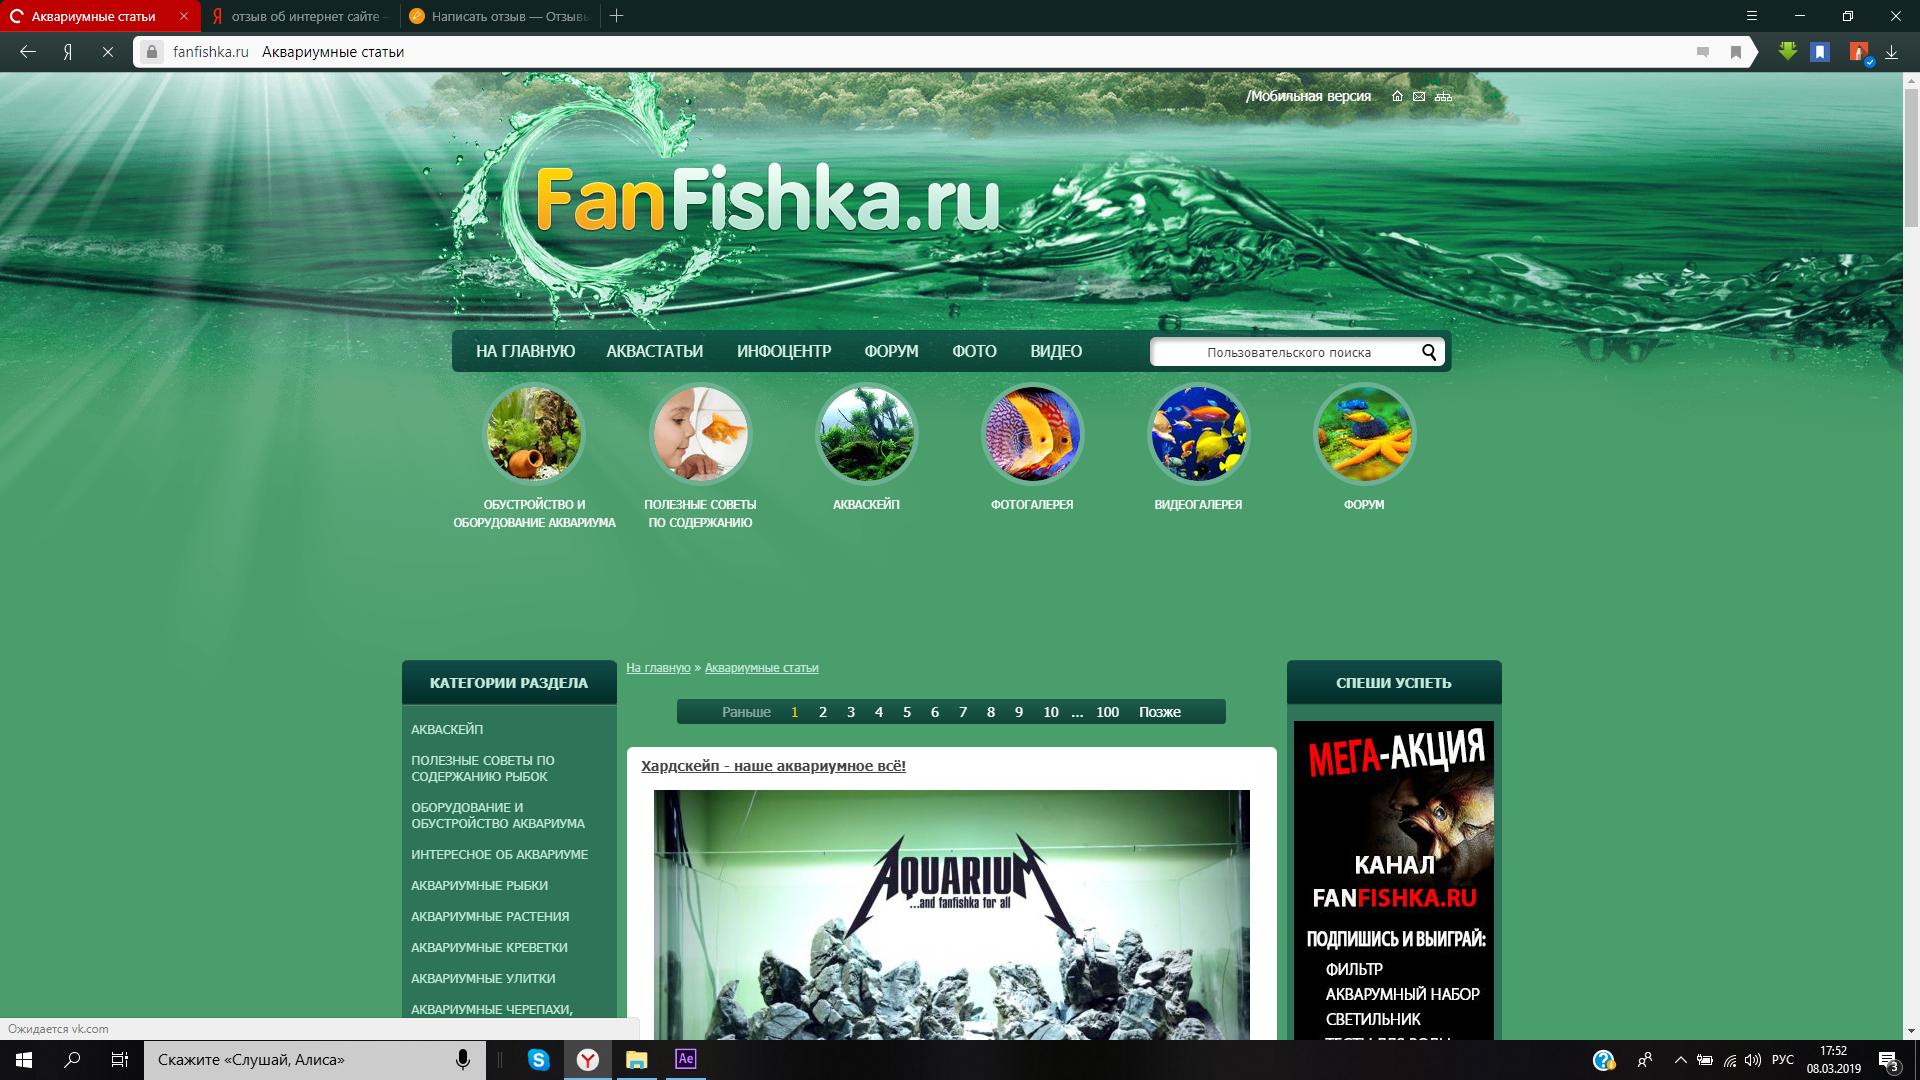 Это самый лучший сайт по аквариумистике